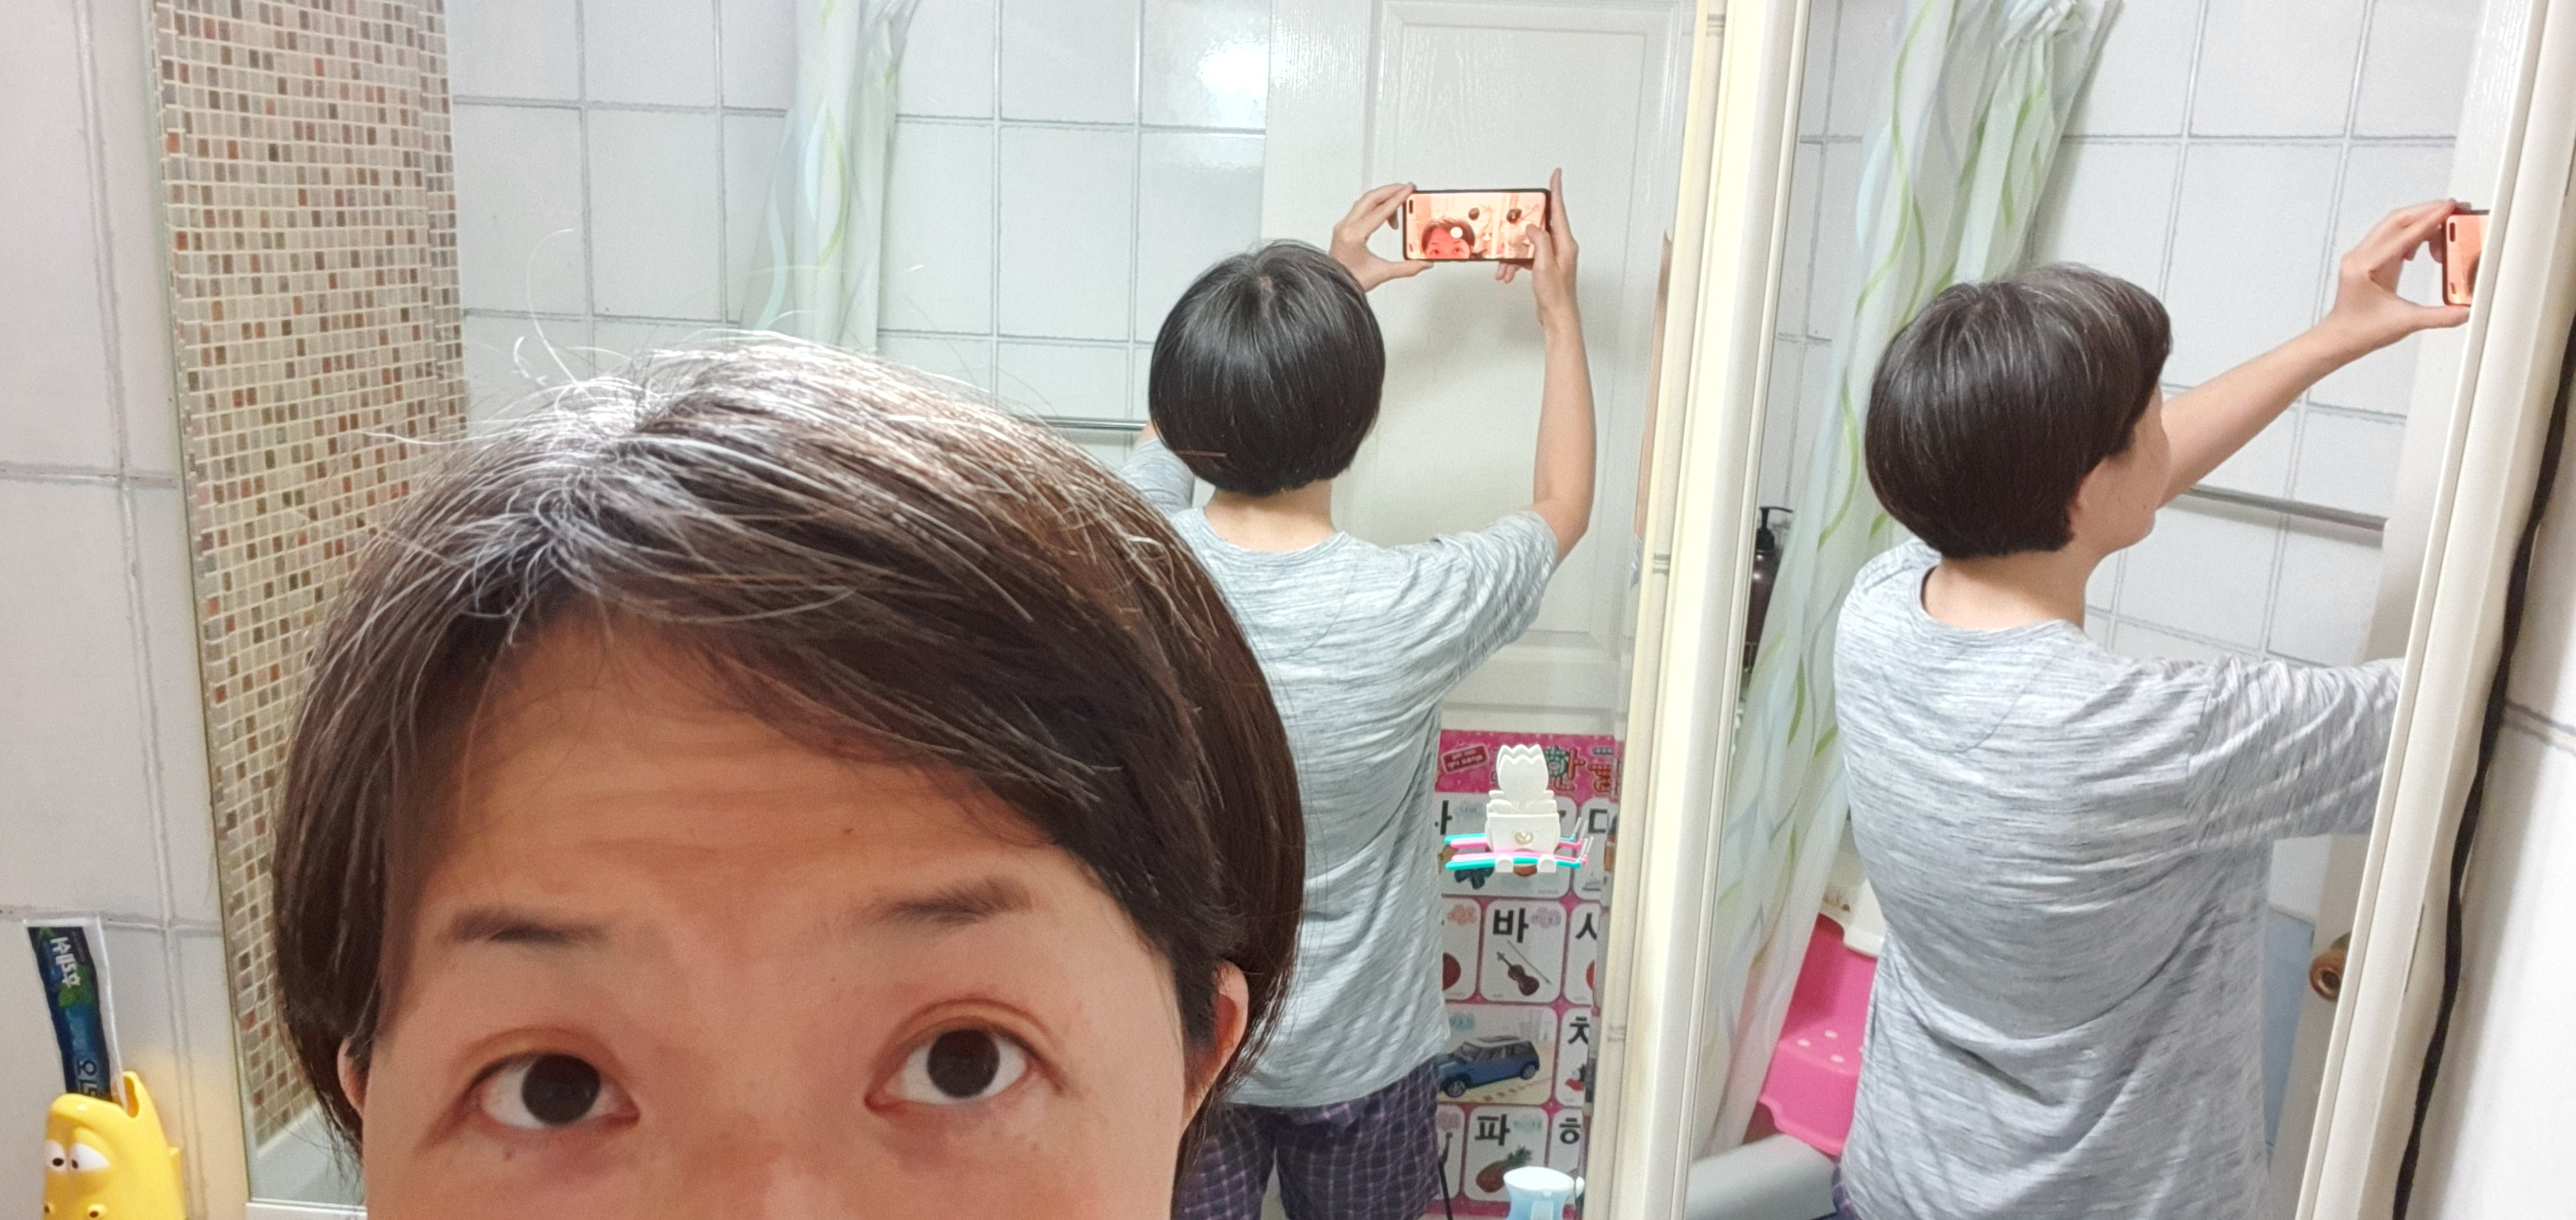 헤어컷, 머리 길이는 괜찮지만.. 뭔지 뭔지..